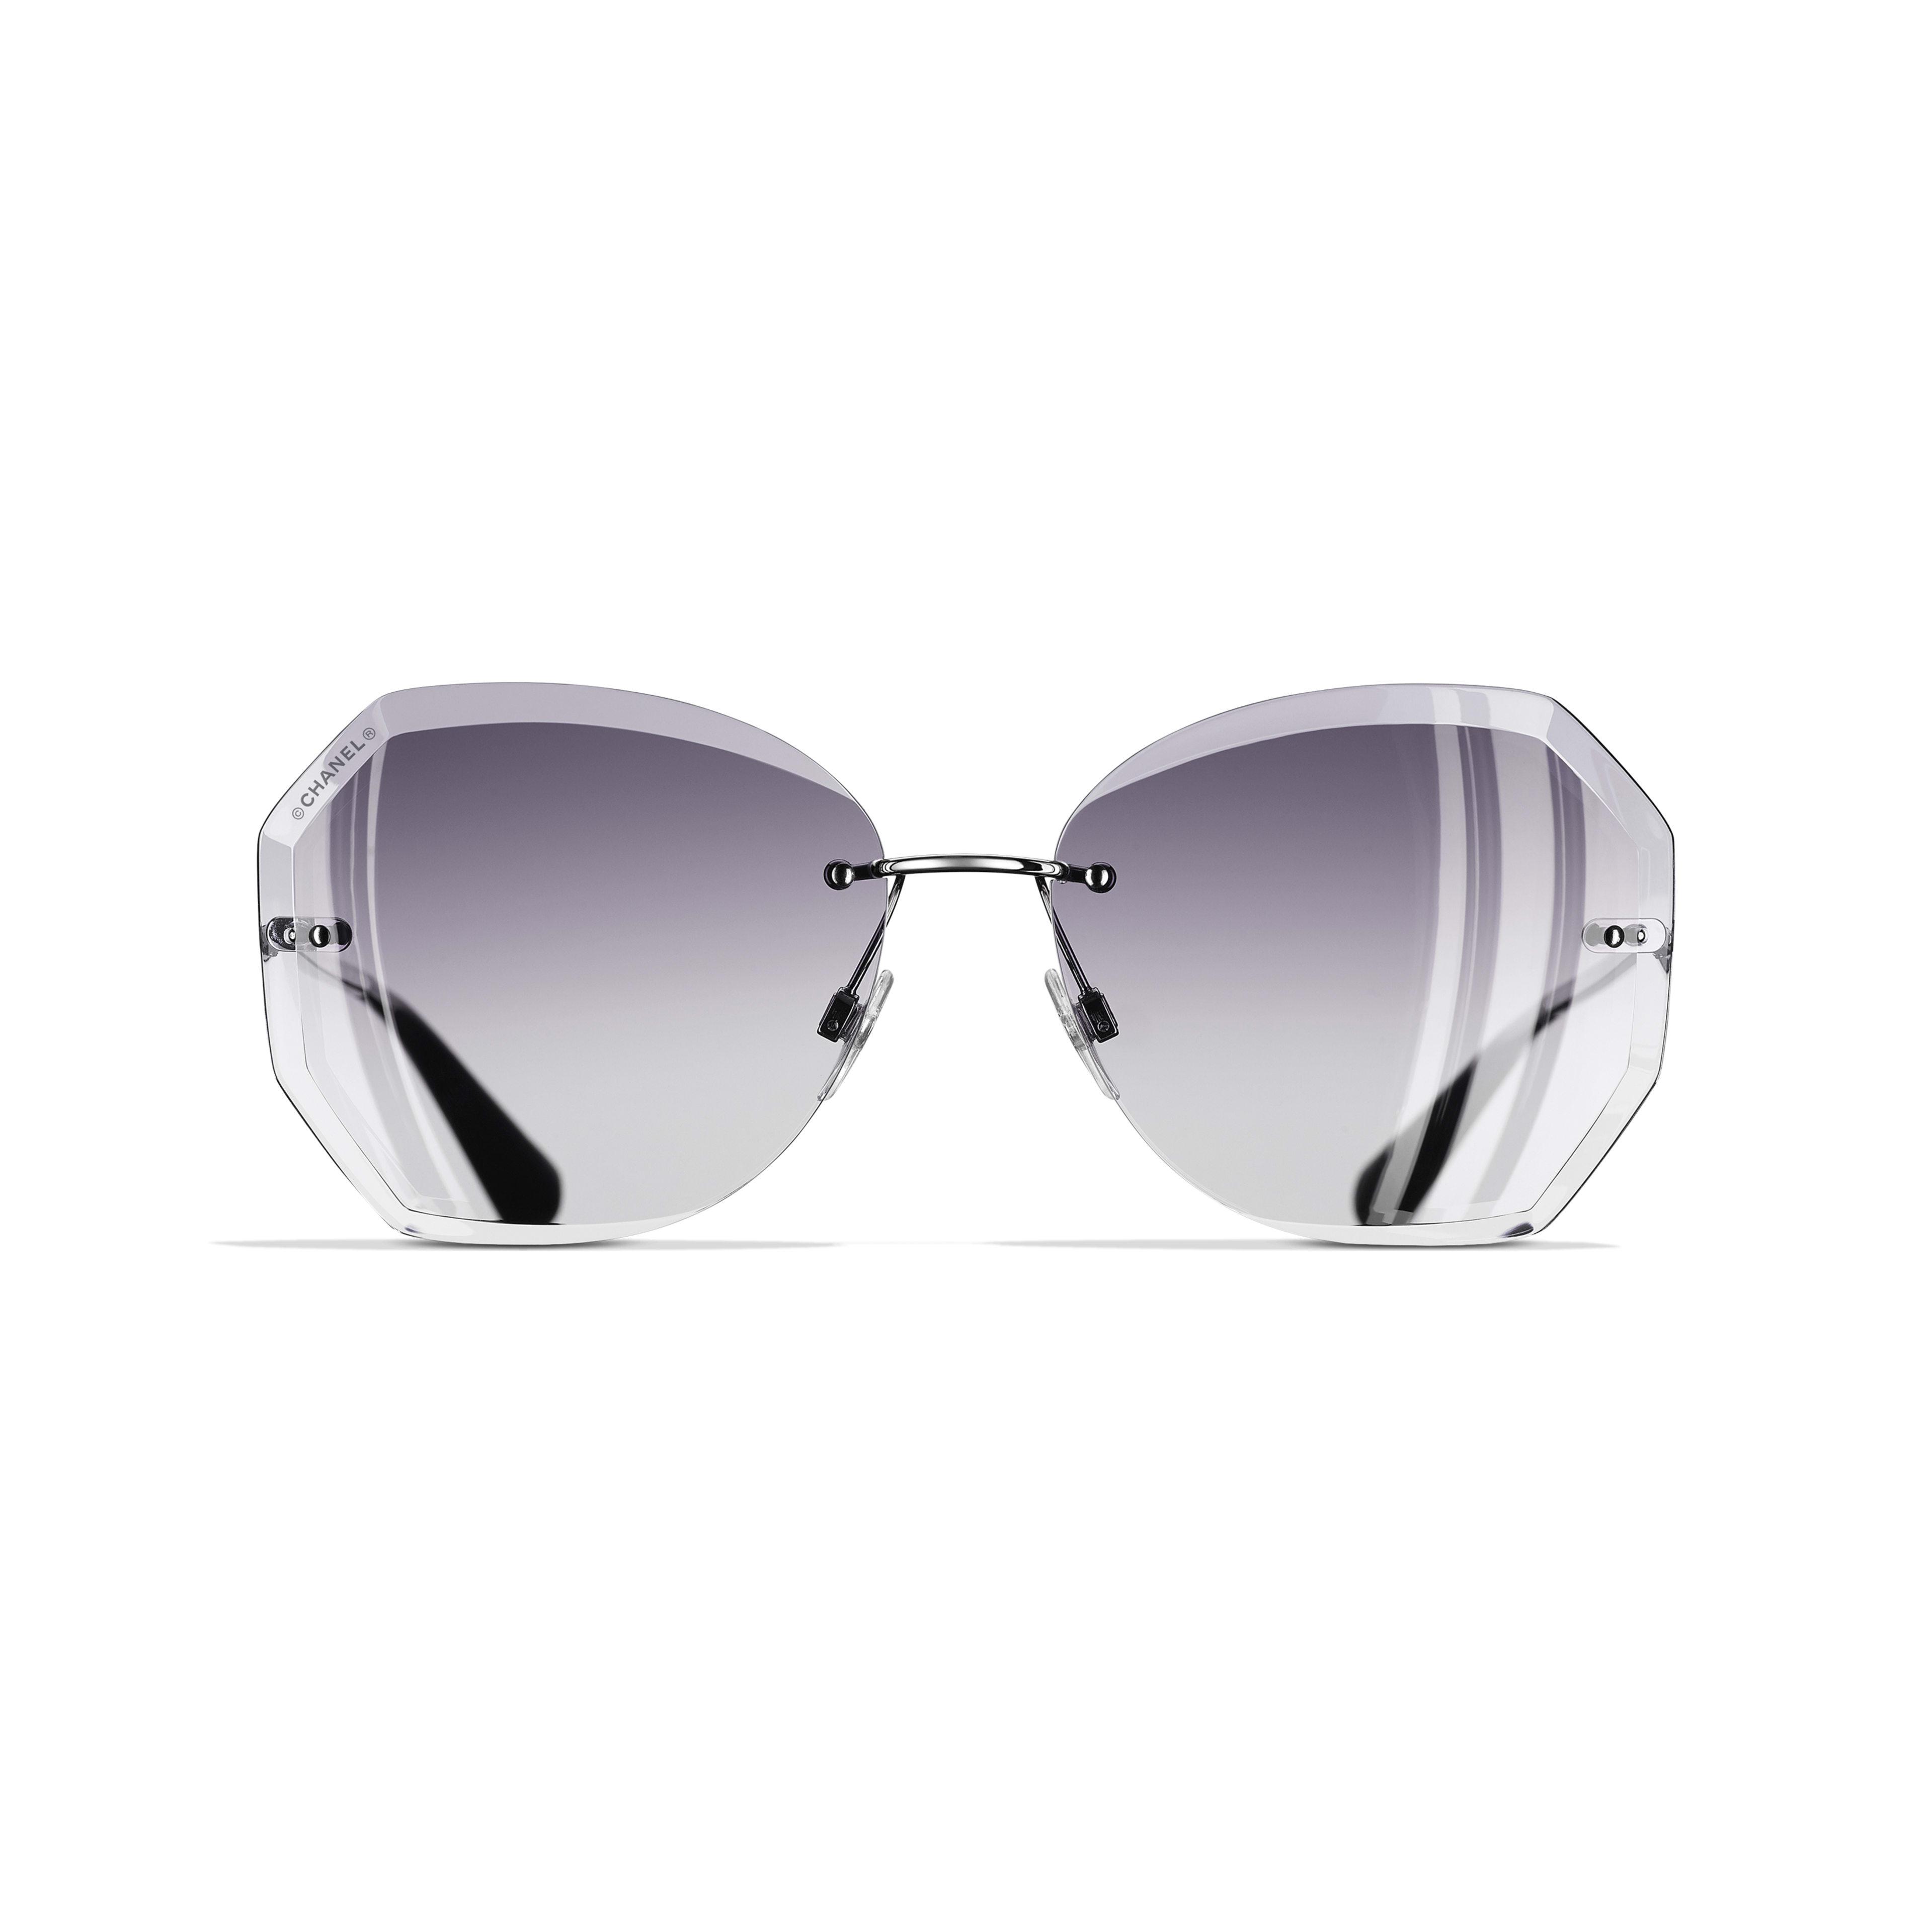 Солнцезащитные очки круглой формы - Серебристый и серый - Металл - Альтернативный вид - посмотреть полноразмерное изображение